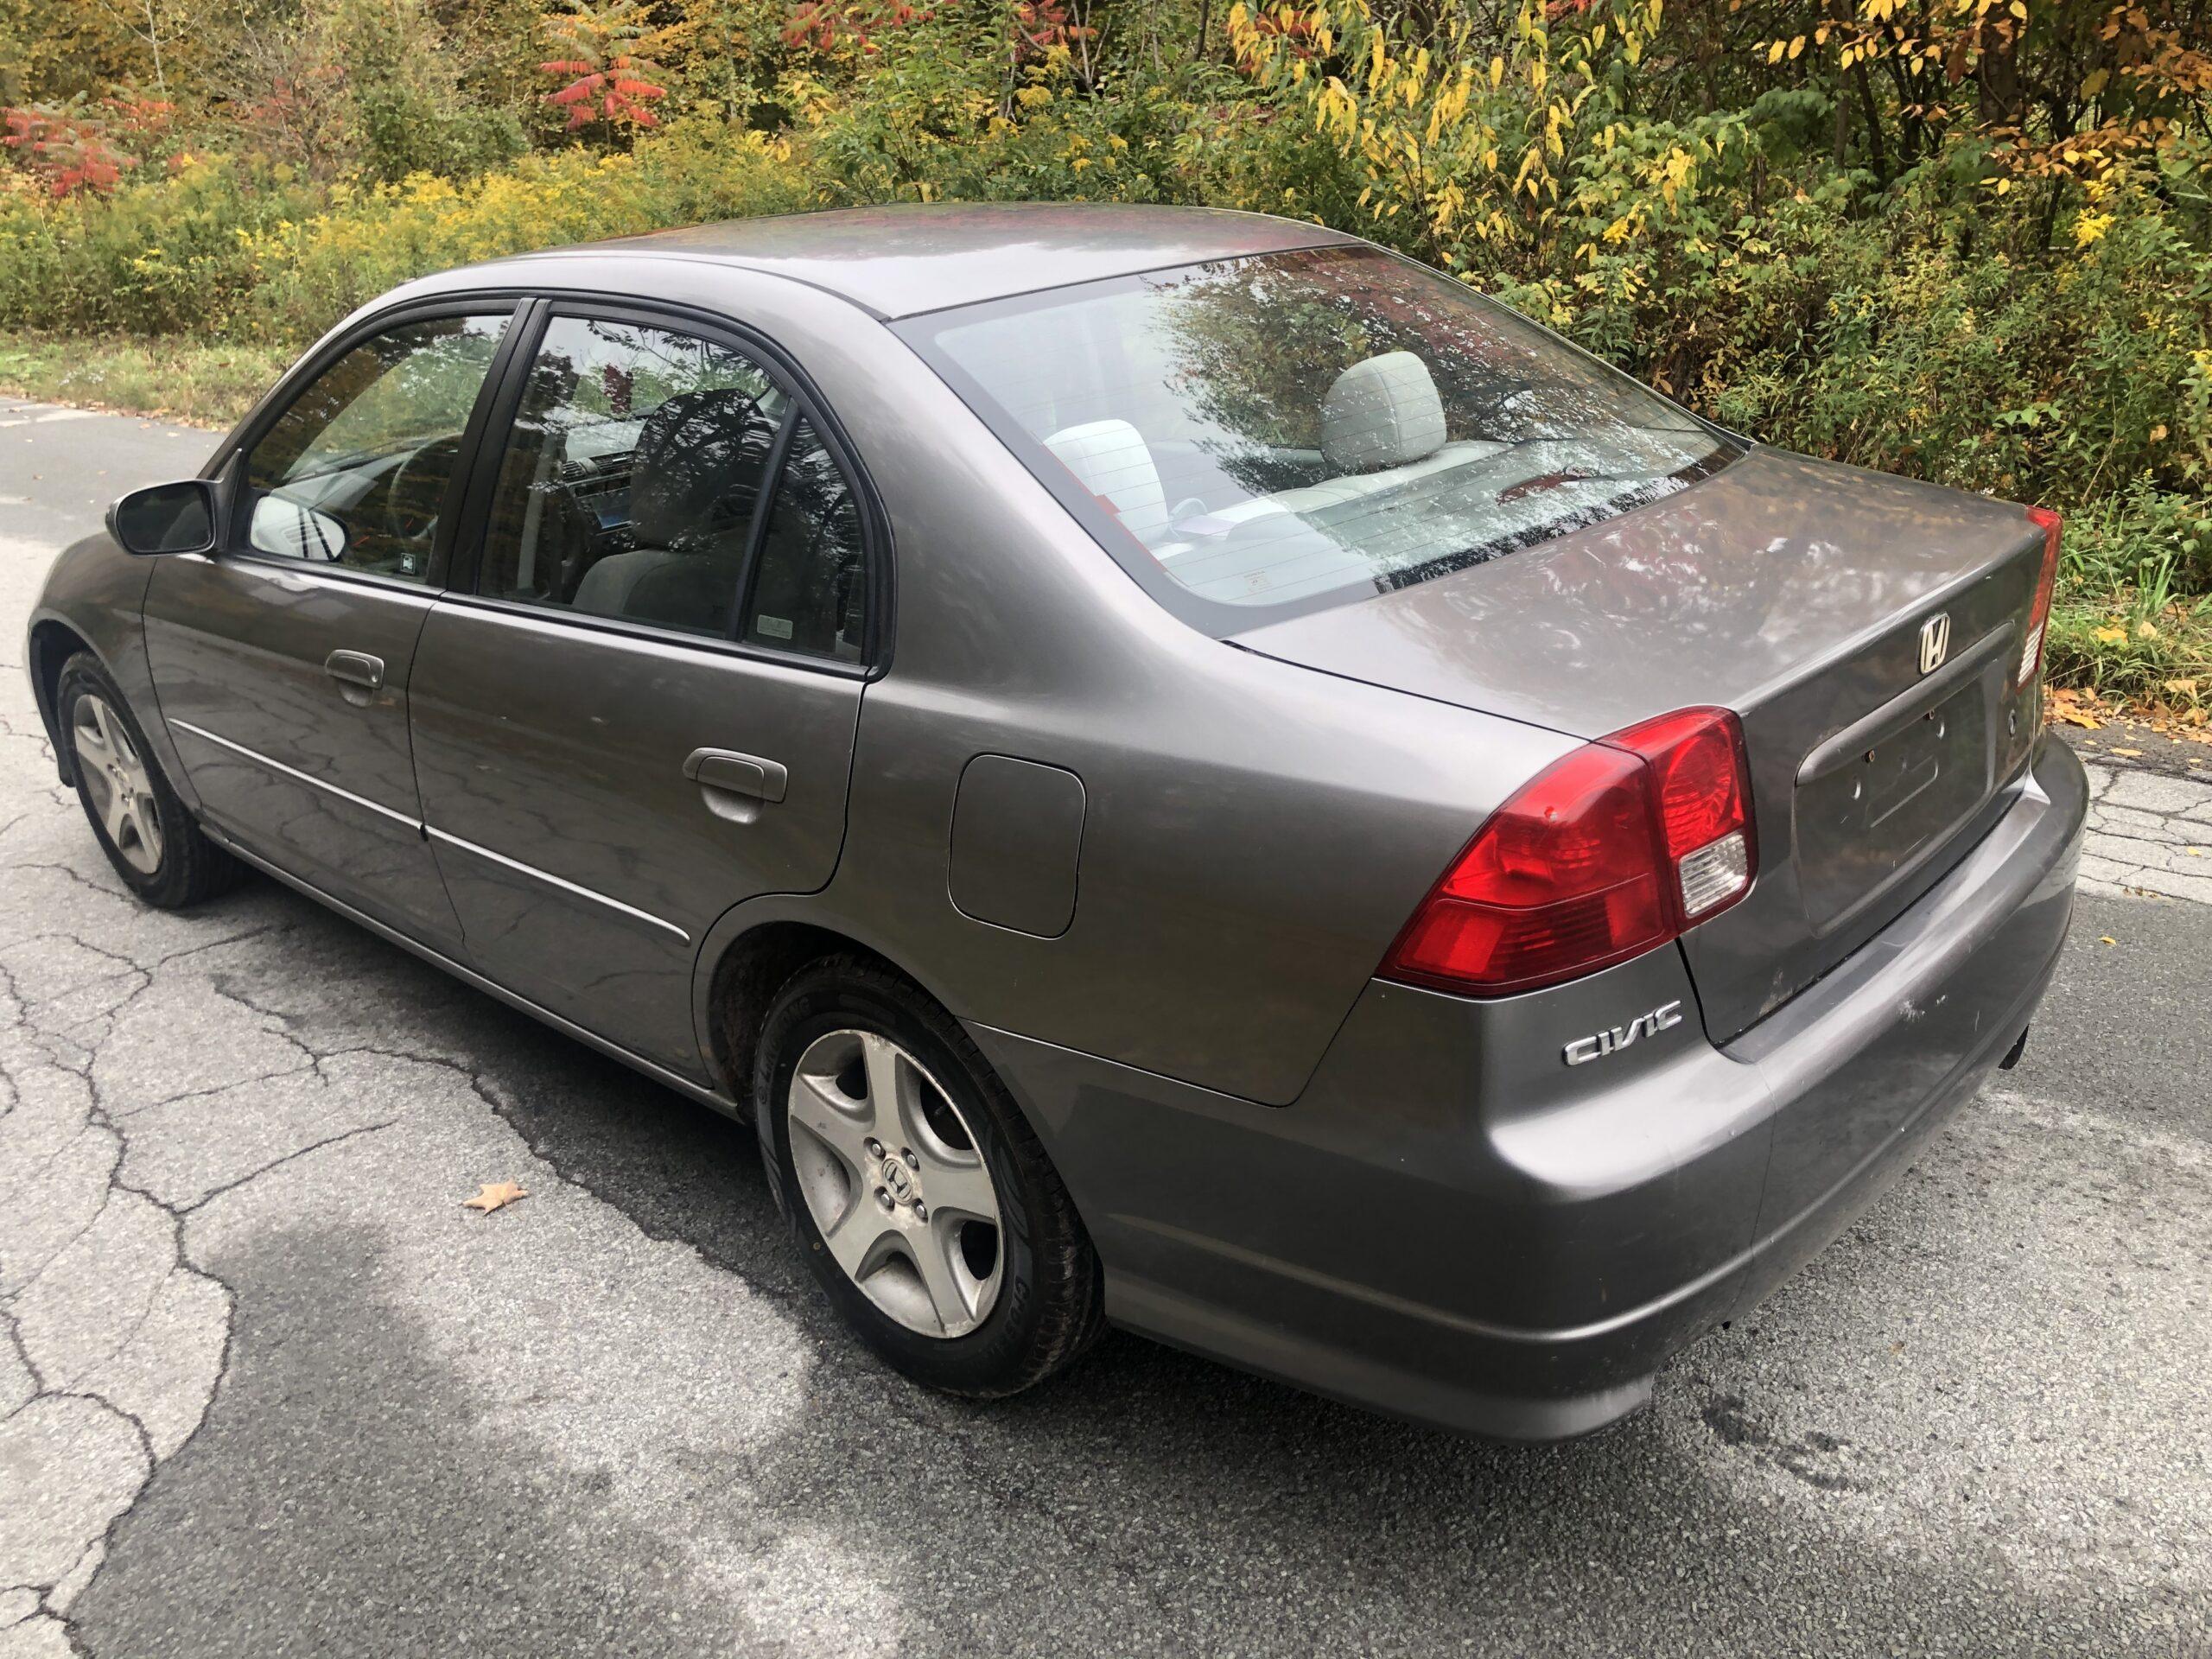 2005 Honda Civic full